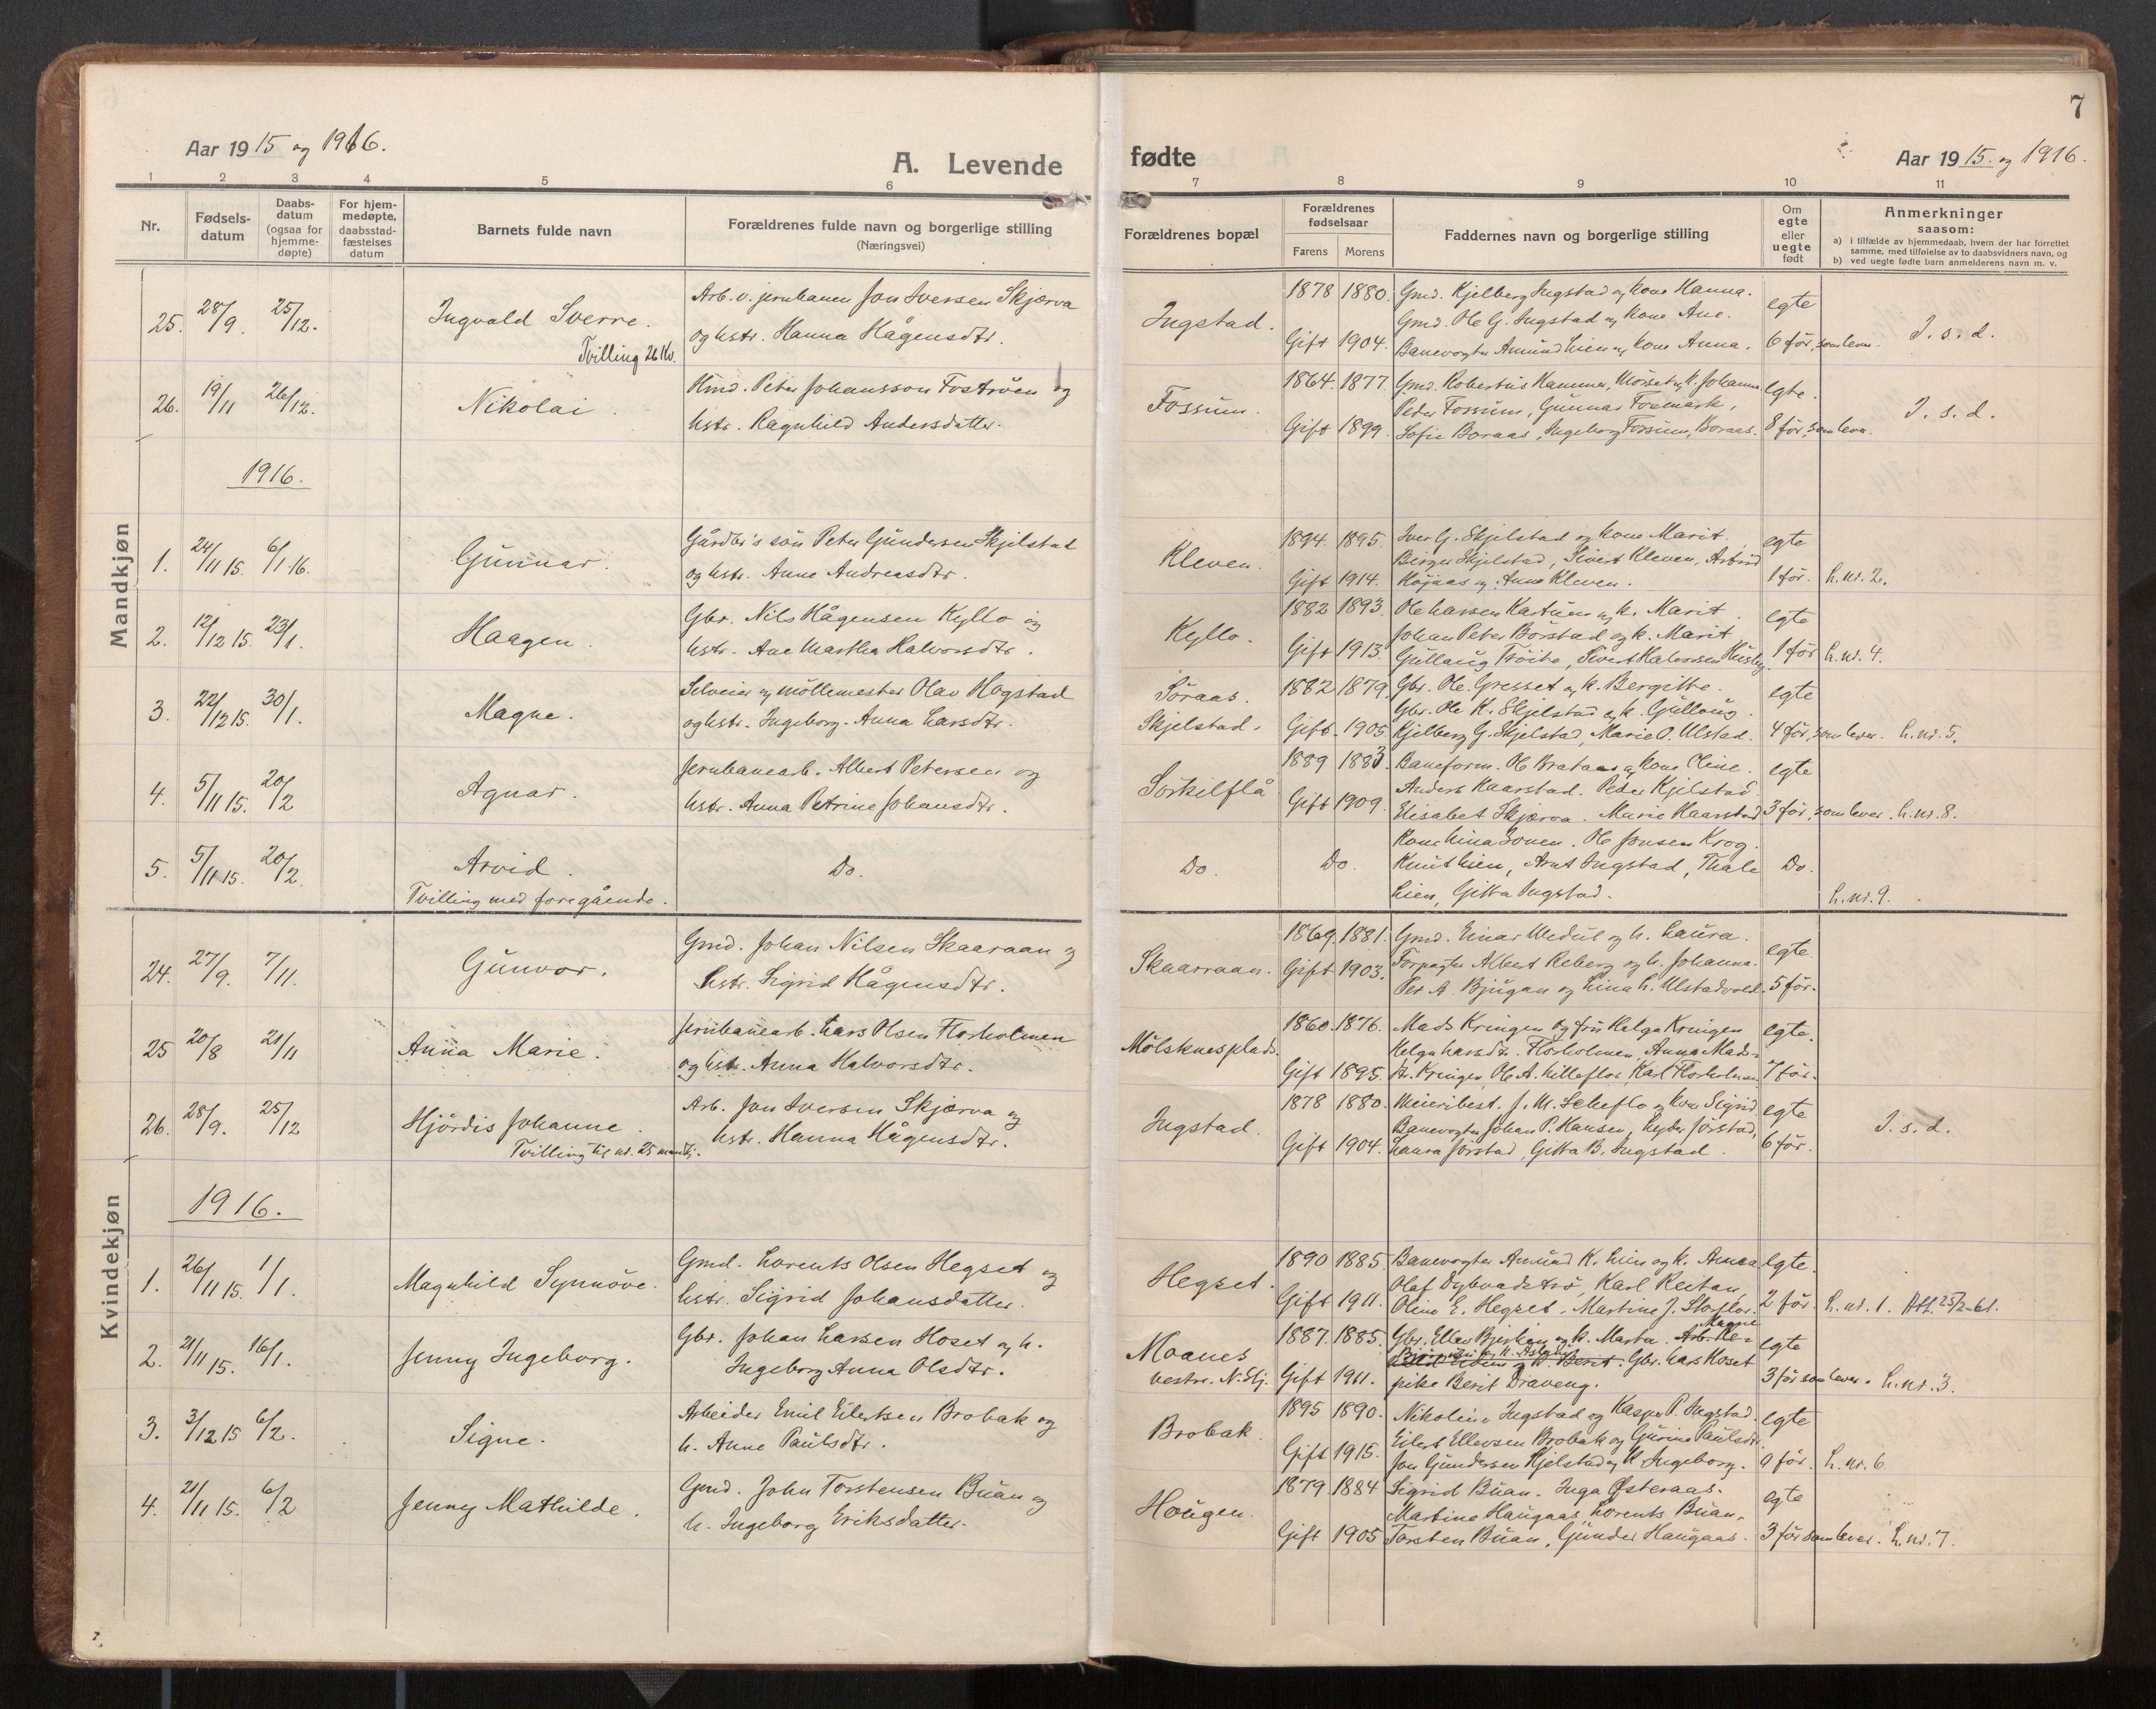 SAT, Ministerialprotokoller, klokkerbøker og fødselsregistre - Nord-Trøndelag, 703/L0037: Parish register (official) no. 703A10, 1915-1932, p. 7